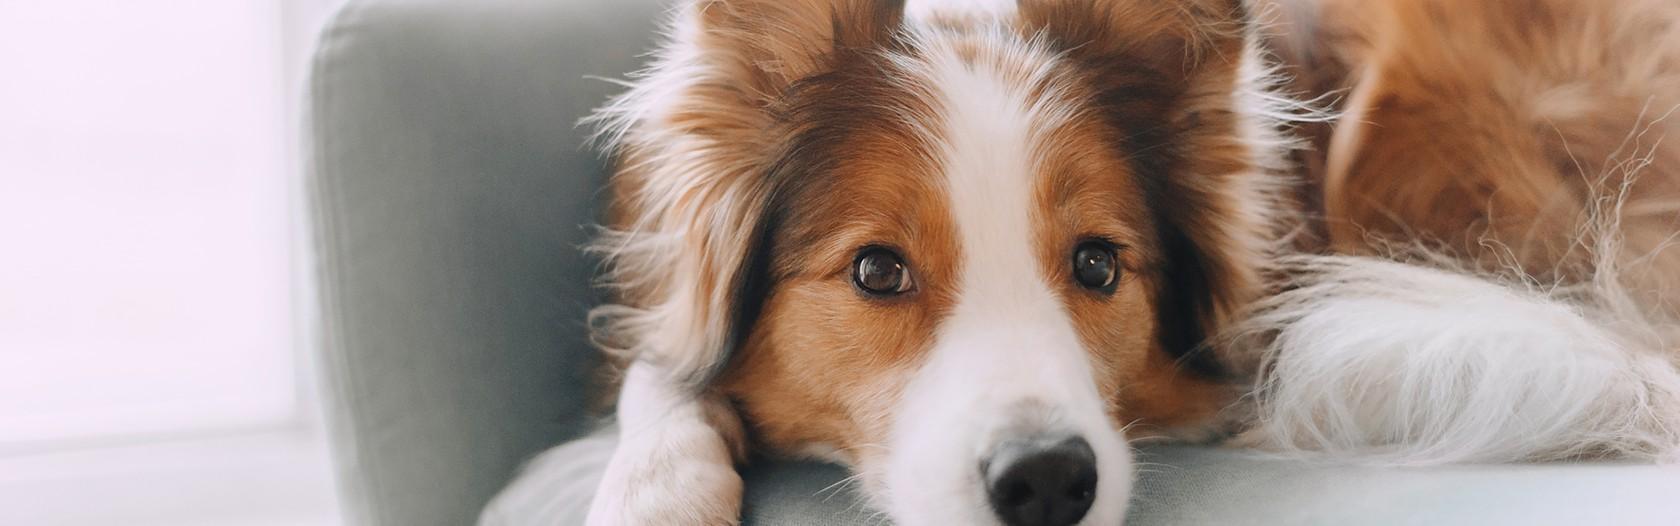 Wie du dein Zuhause mit Hund sauber halten kannst, Hund liegt auf der Couch